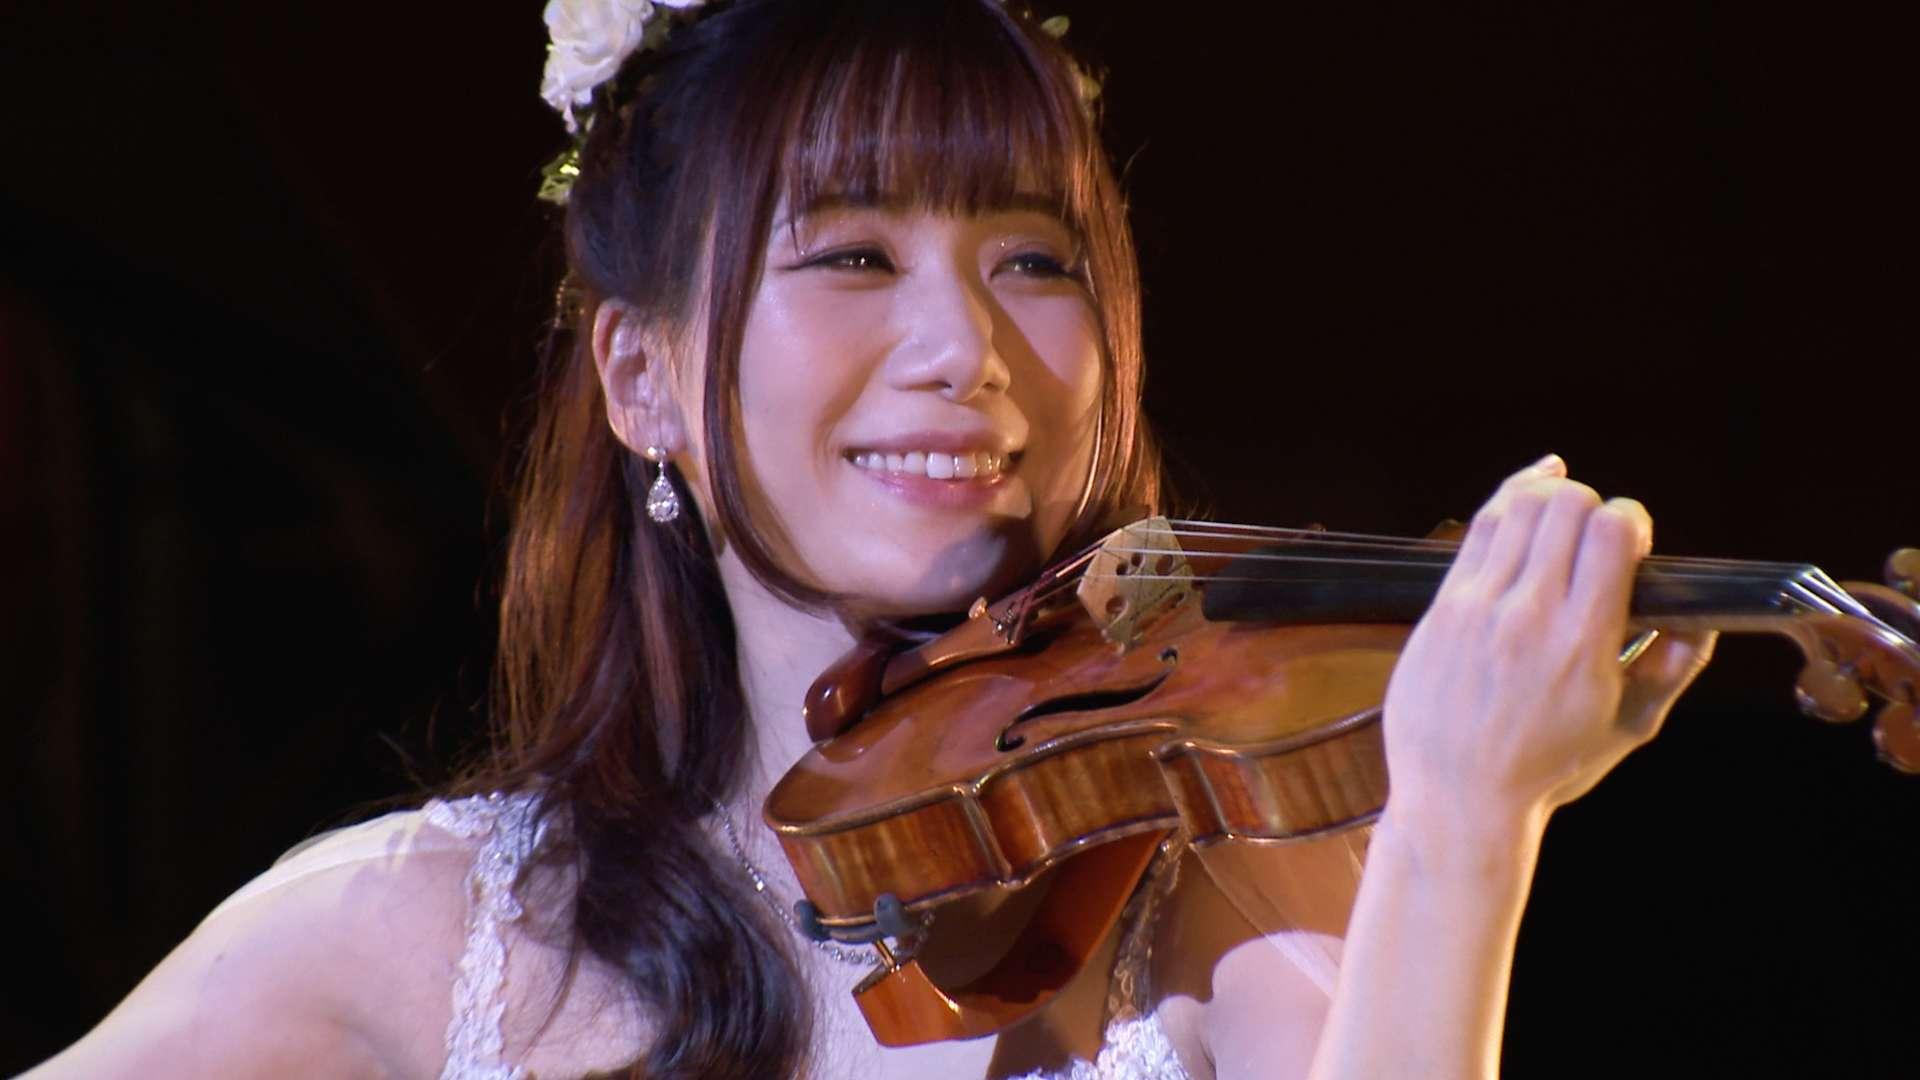 石川綾子 AYAKO TIMES 10th Anniversary Concert